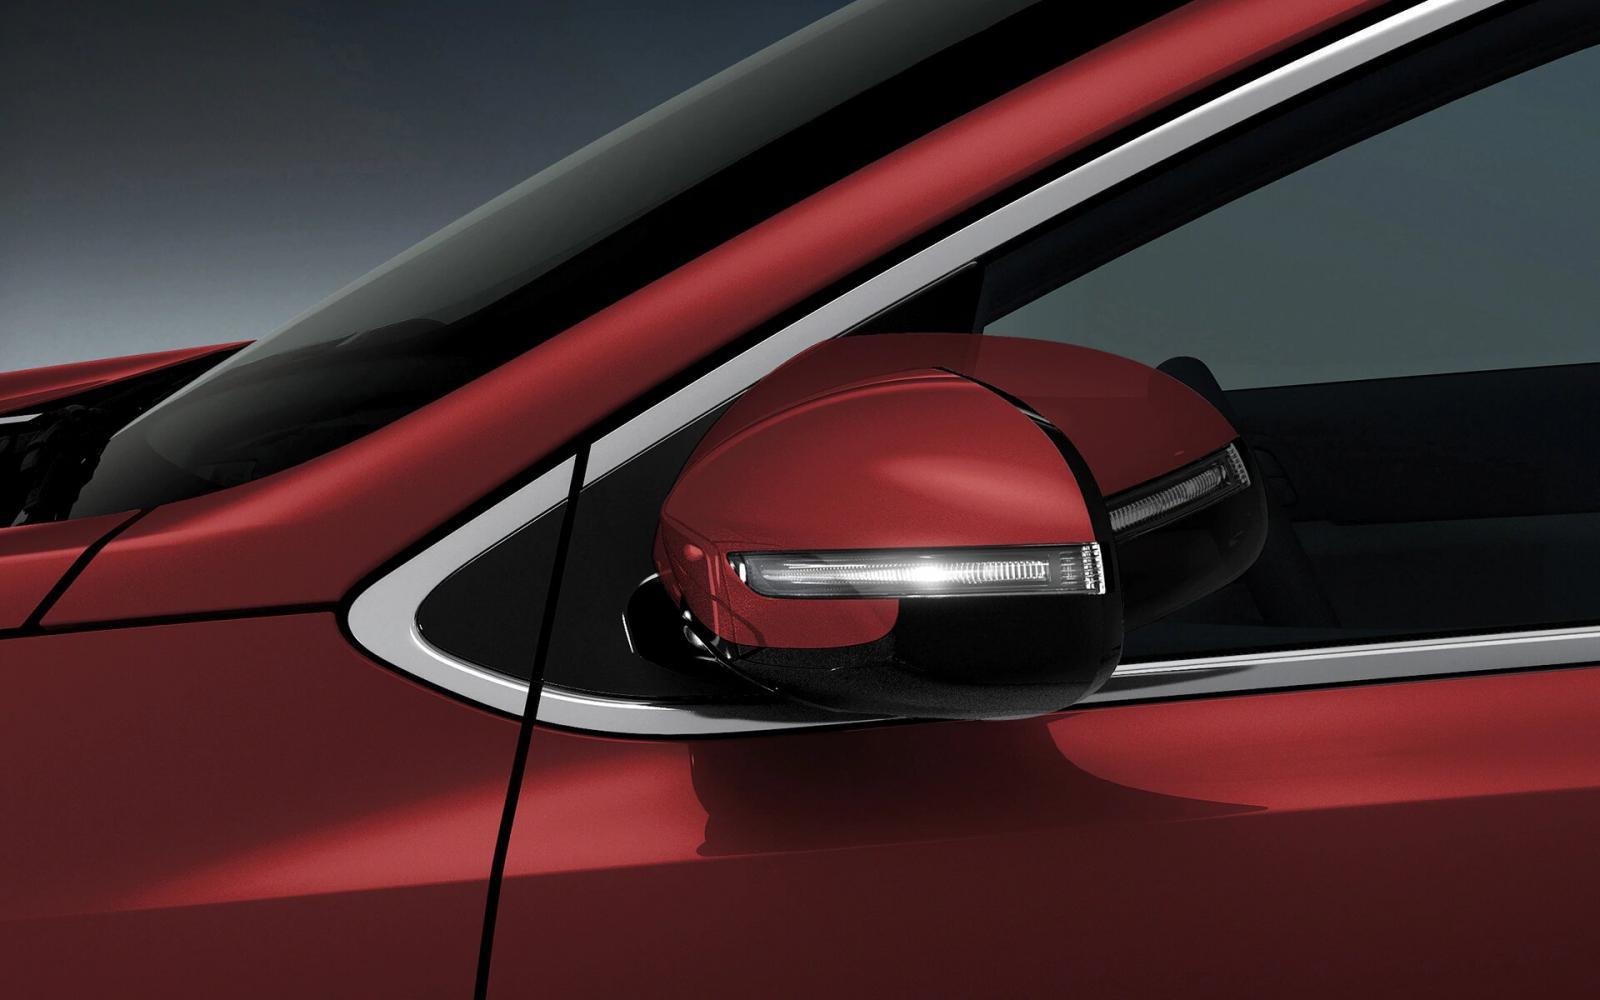 Kia Sportage SXL 2020 resena opiniones marcha con buen equipamiento en el exterior